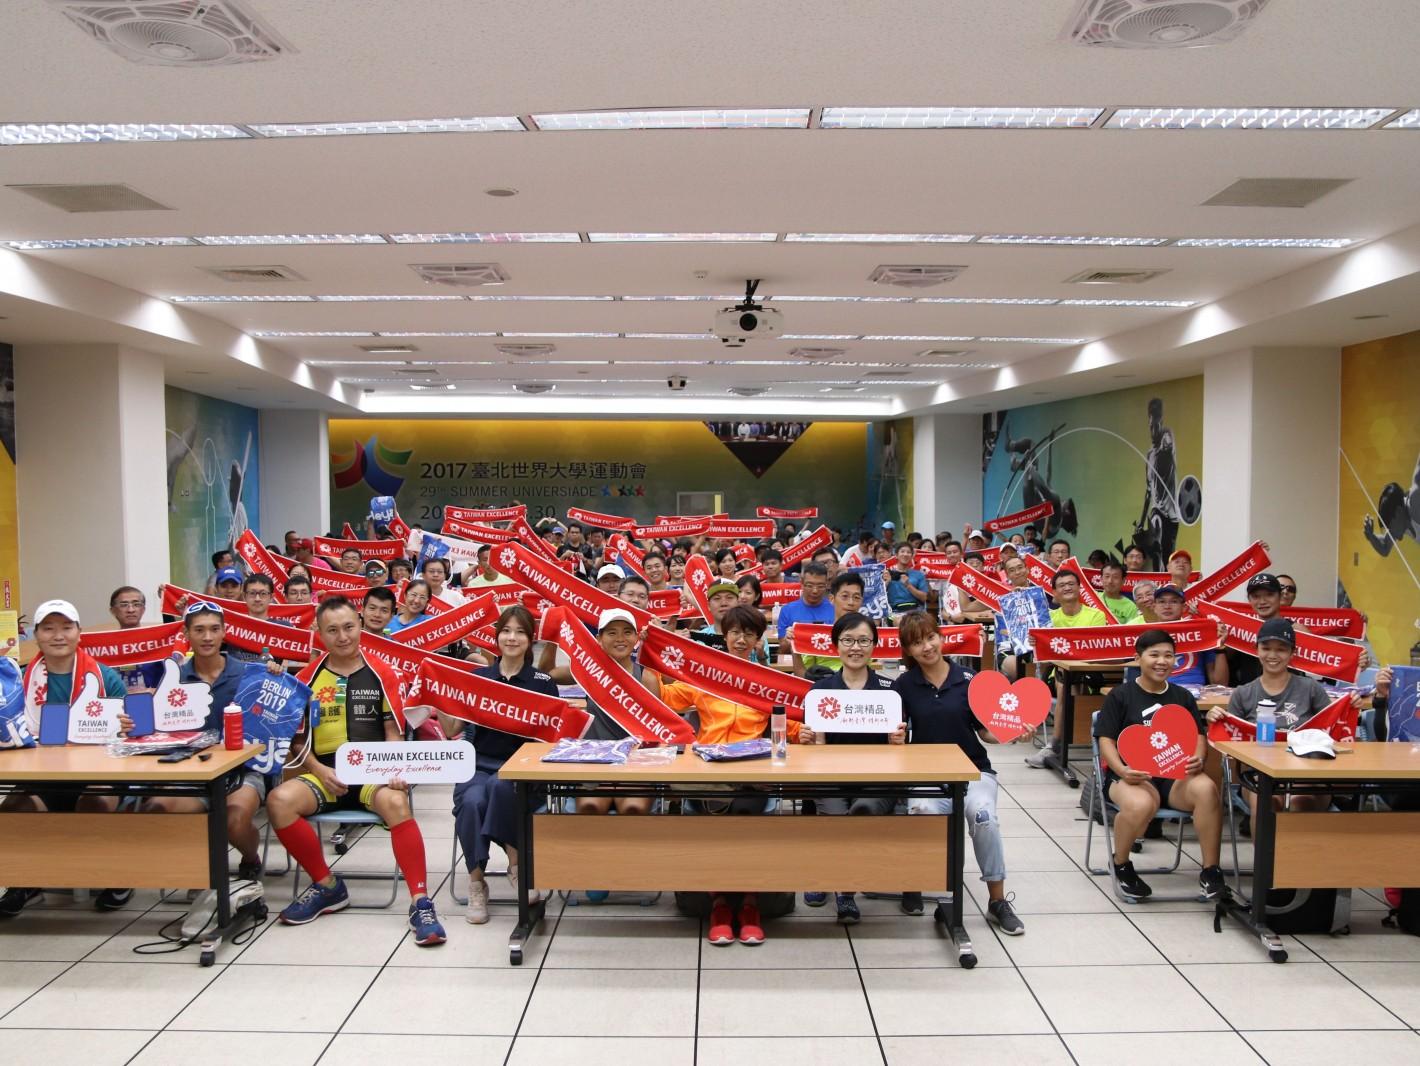 圖說一:台灣精品代表隊選手與上百位跑者一同參與柏林馬拉松跑者訓練營